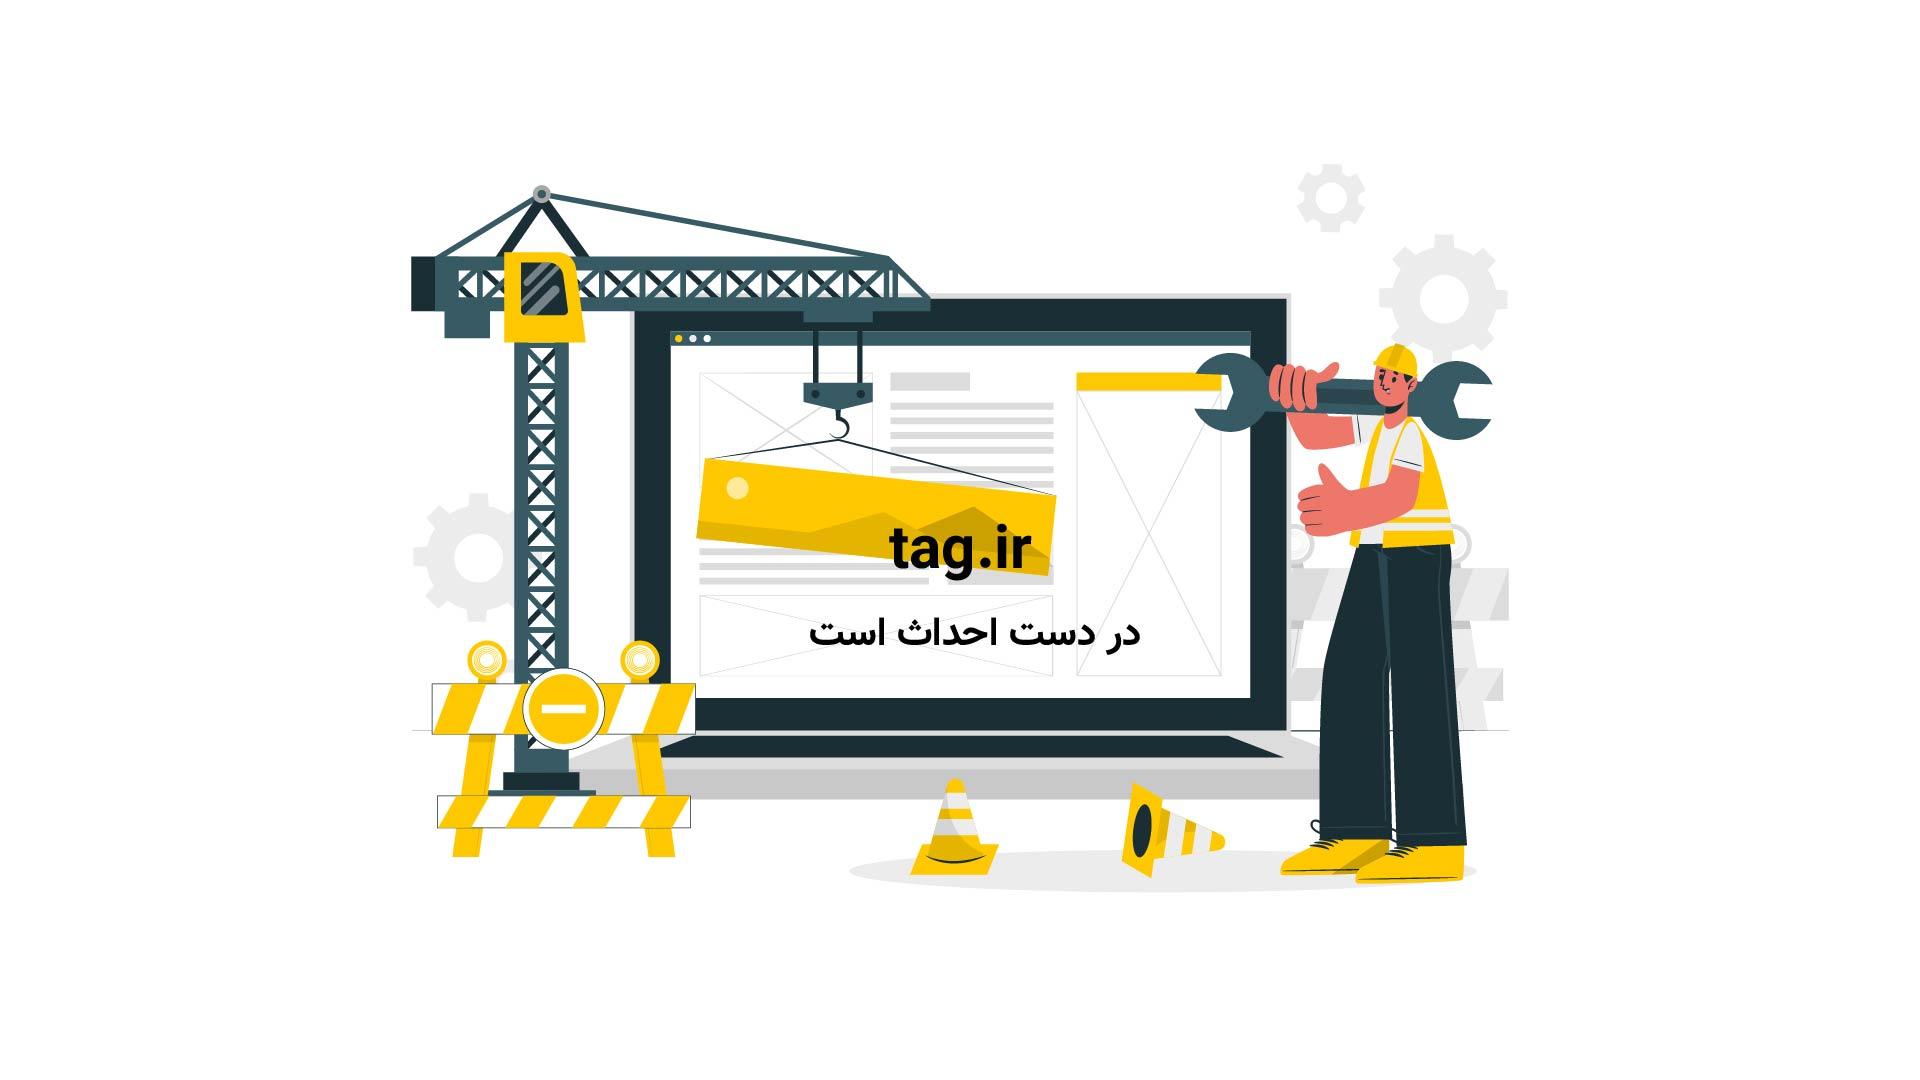 علت نقشهای متعدد محمدرضا شریفینیا در رابطه با مرد دو زنه بودن | فیلم